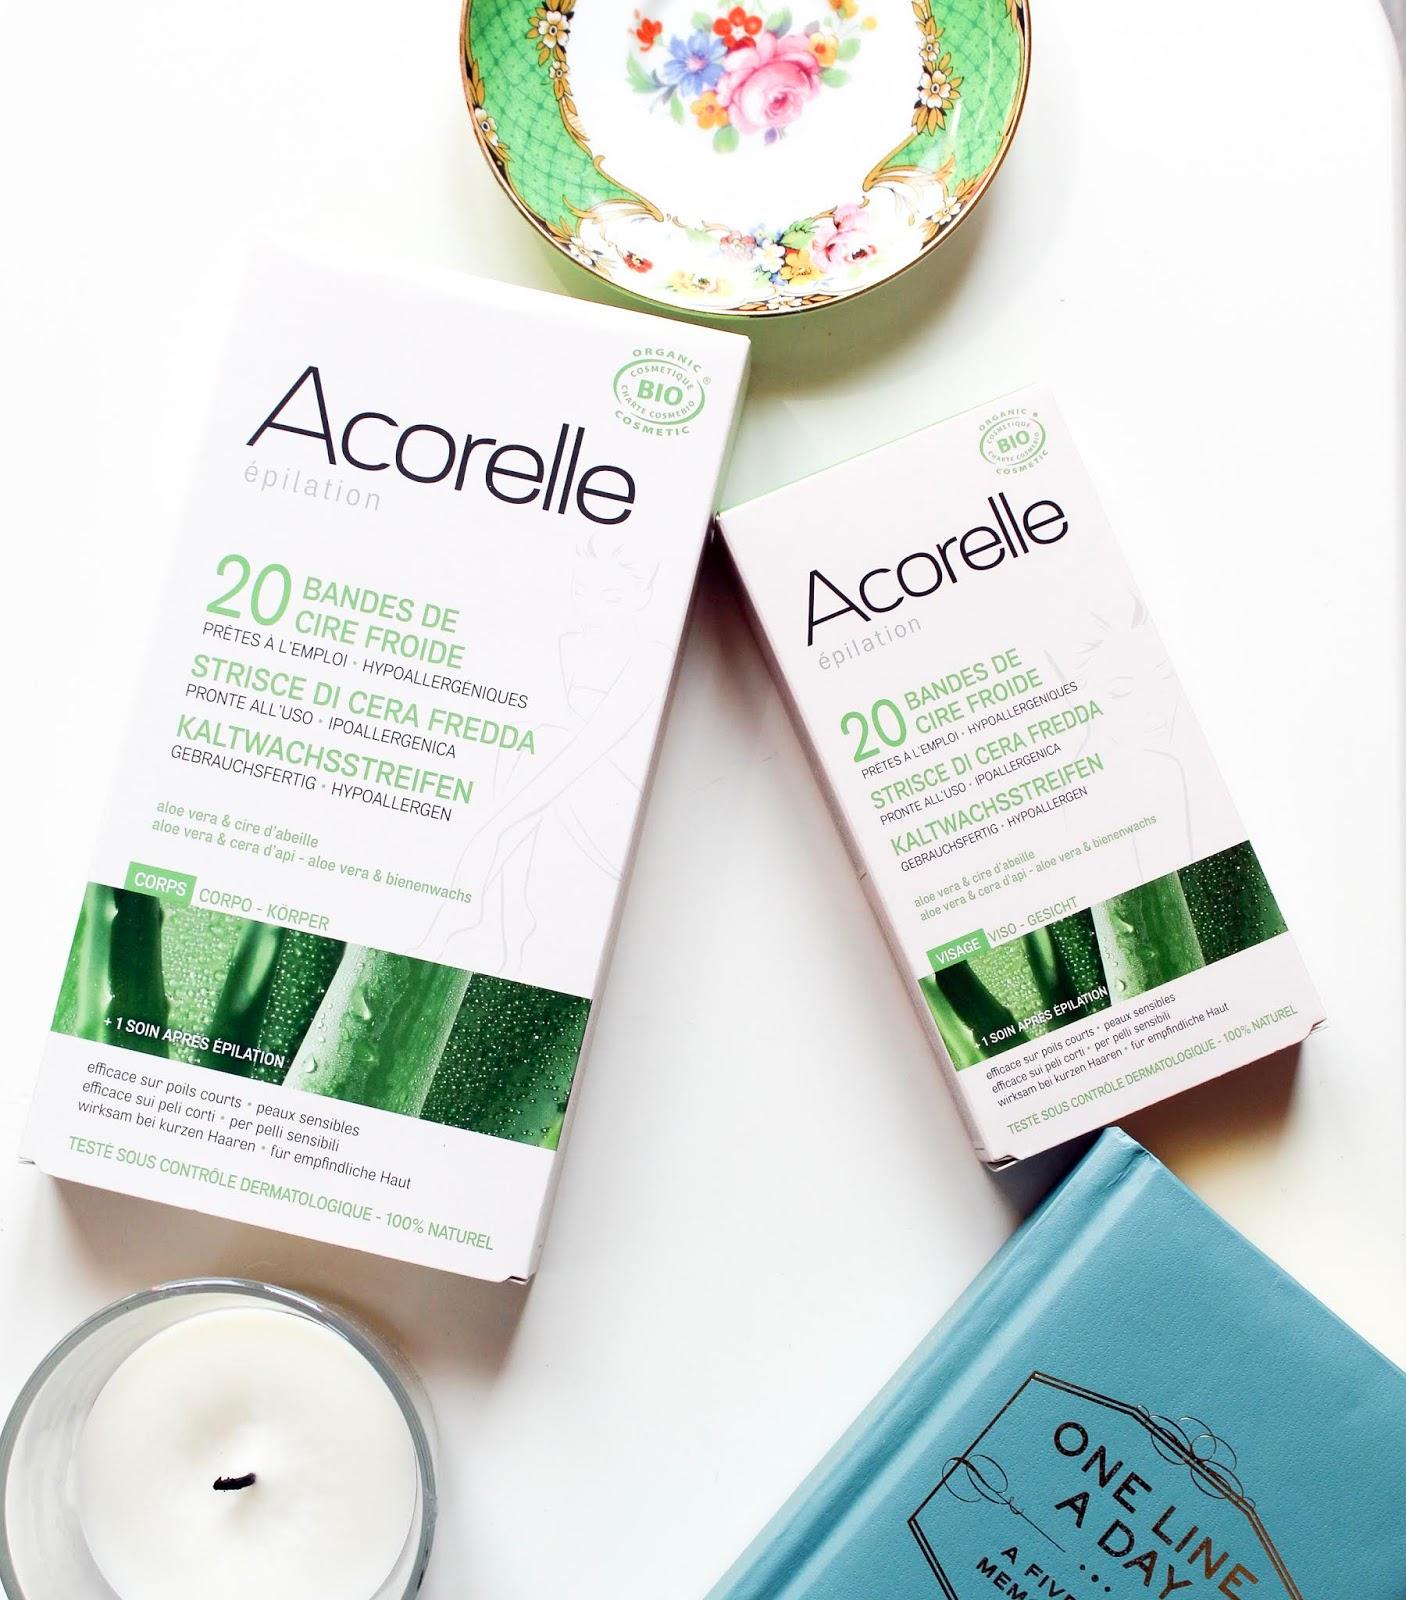 acorelle strisce  Review- Bio Strisce Depilatorie Acorelle